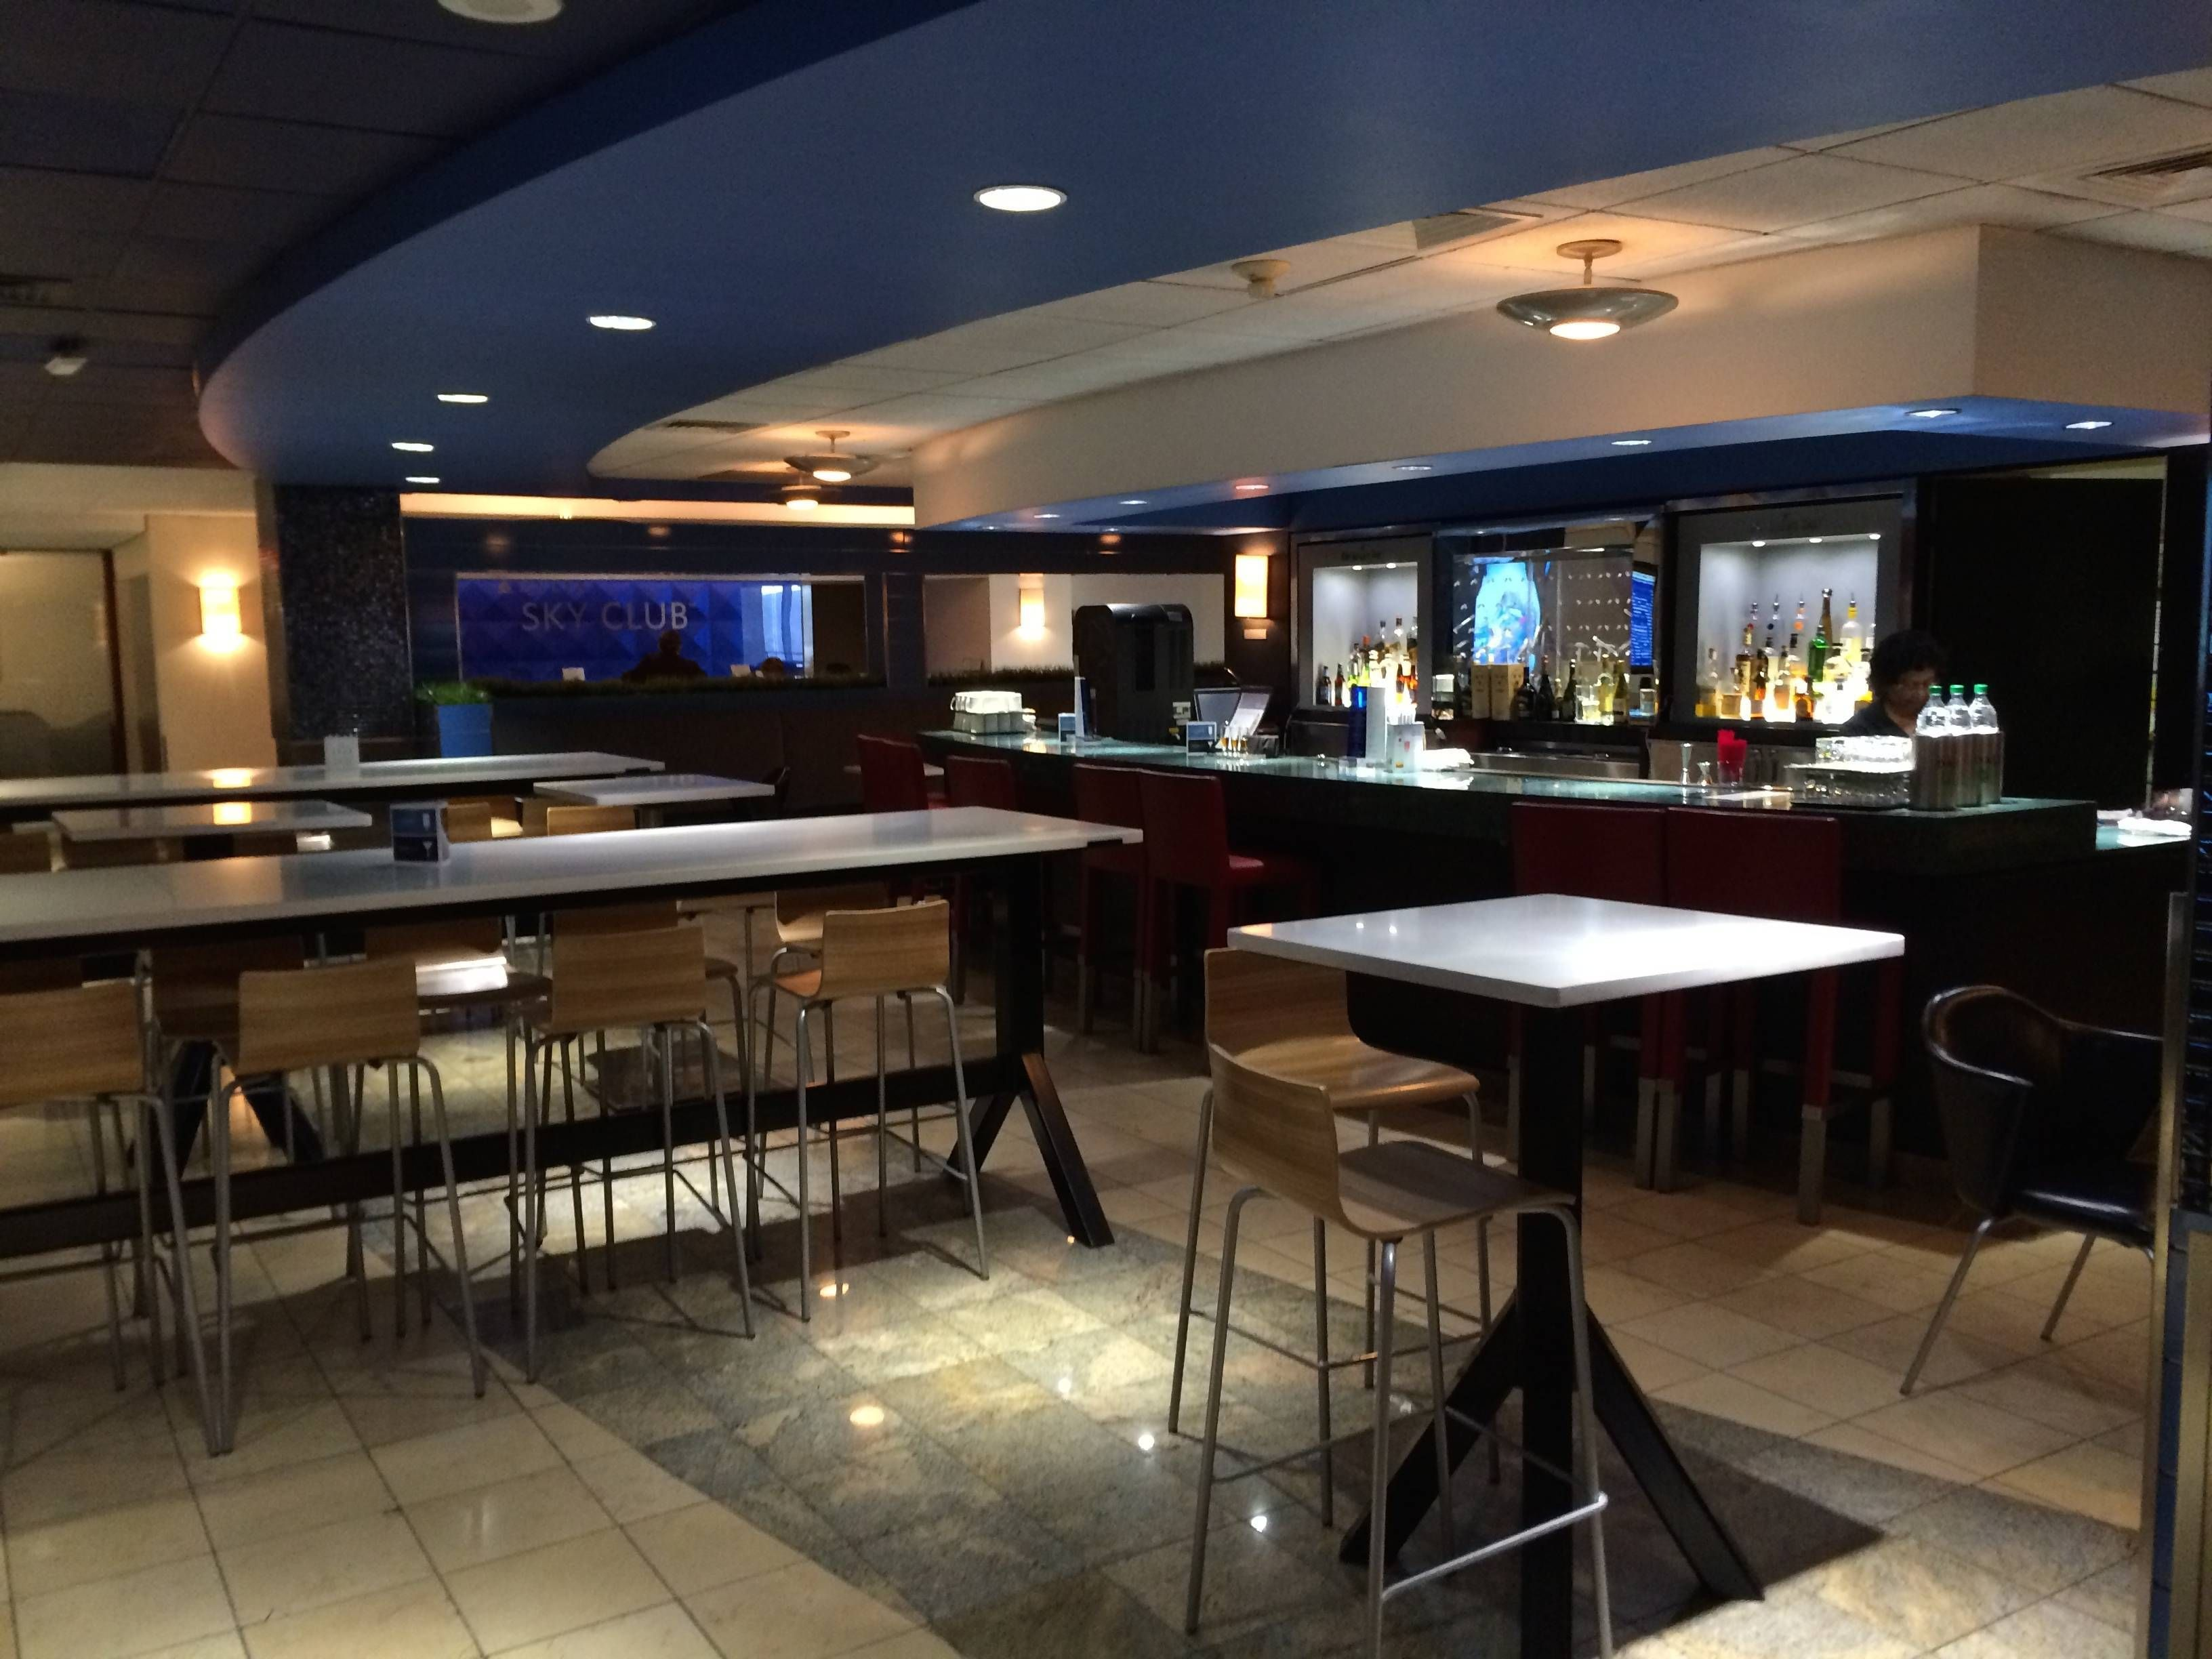 Delta Sky Club – Aeroporto de Nova York (JFK) – Terminal 2